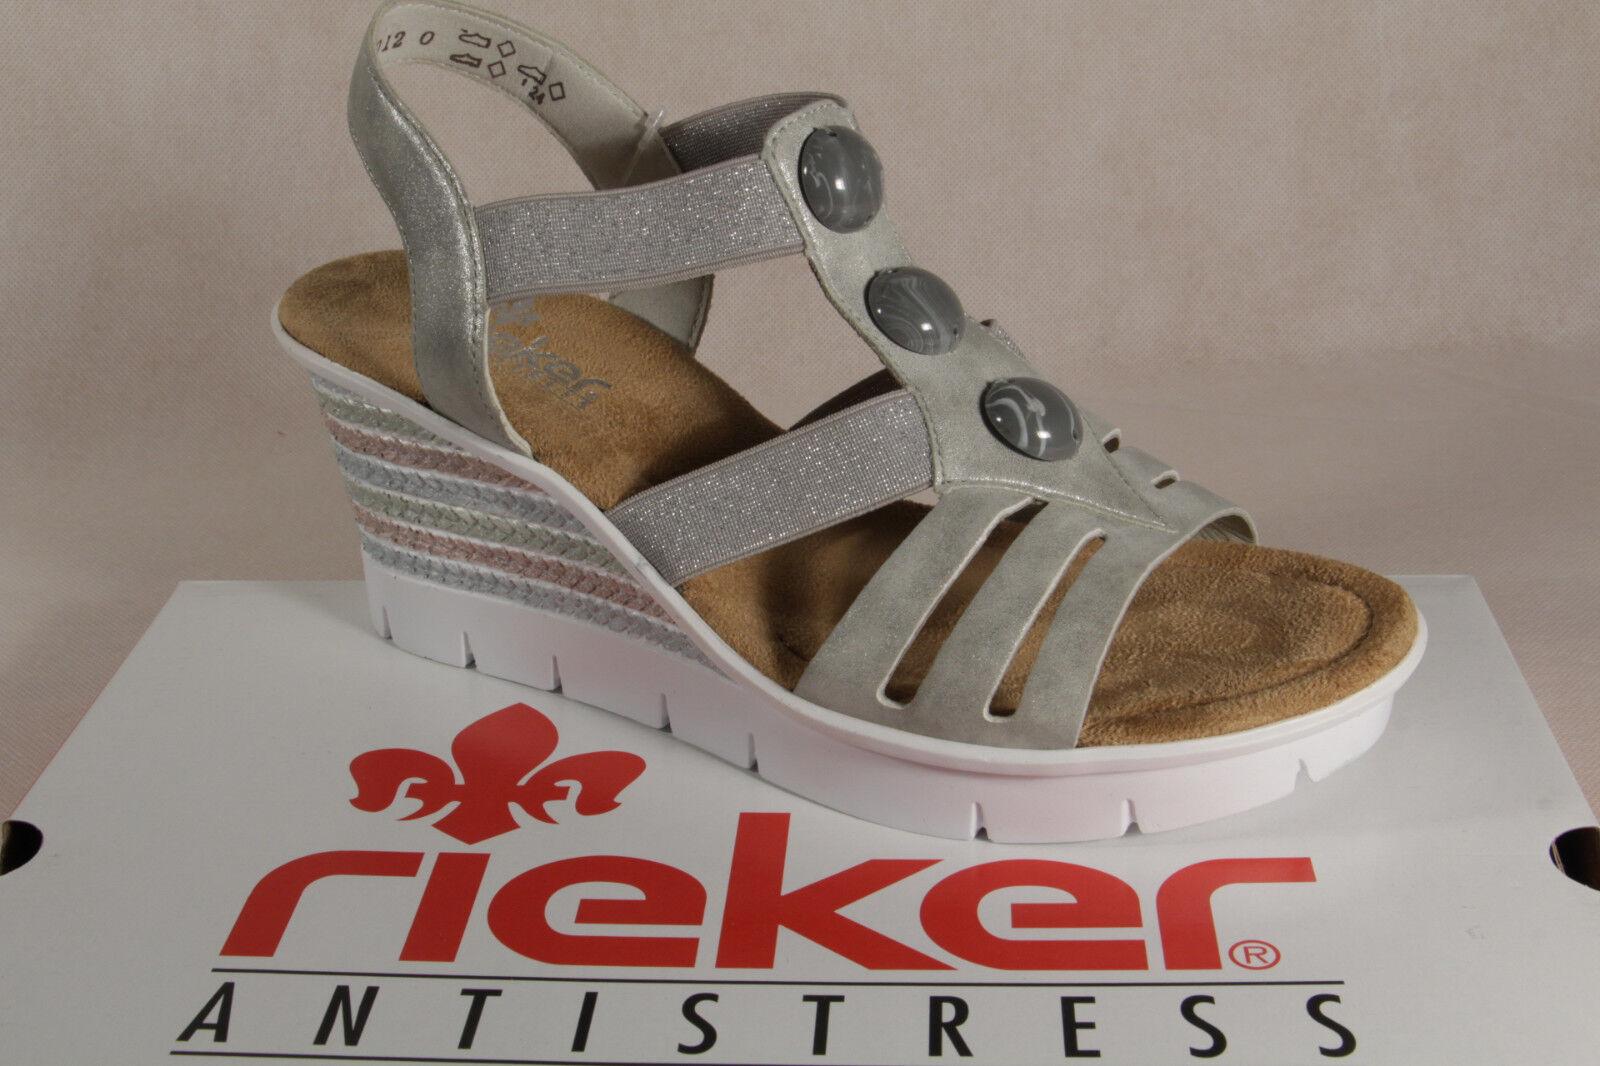 Rieker Damen Sandale, Sandalen Sandaletten grau weiche Innensohle, V6548 NEU